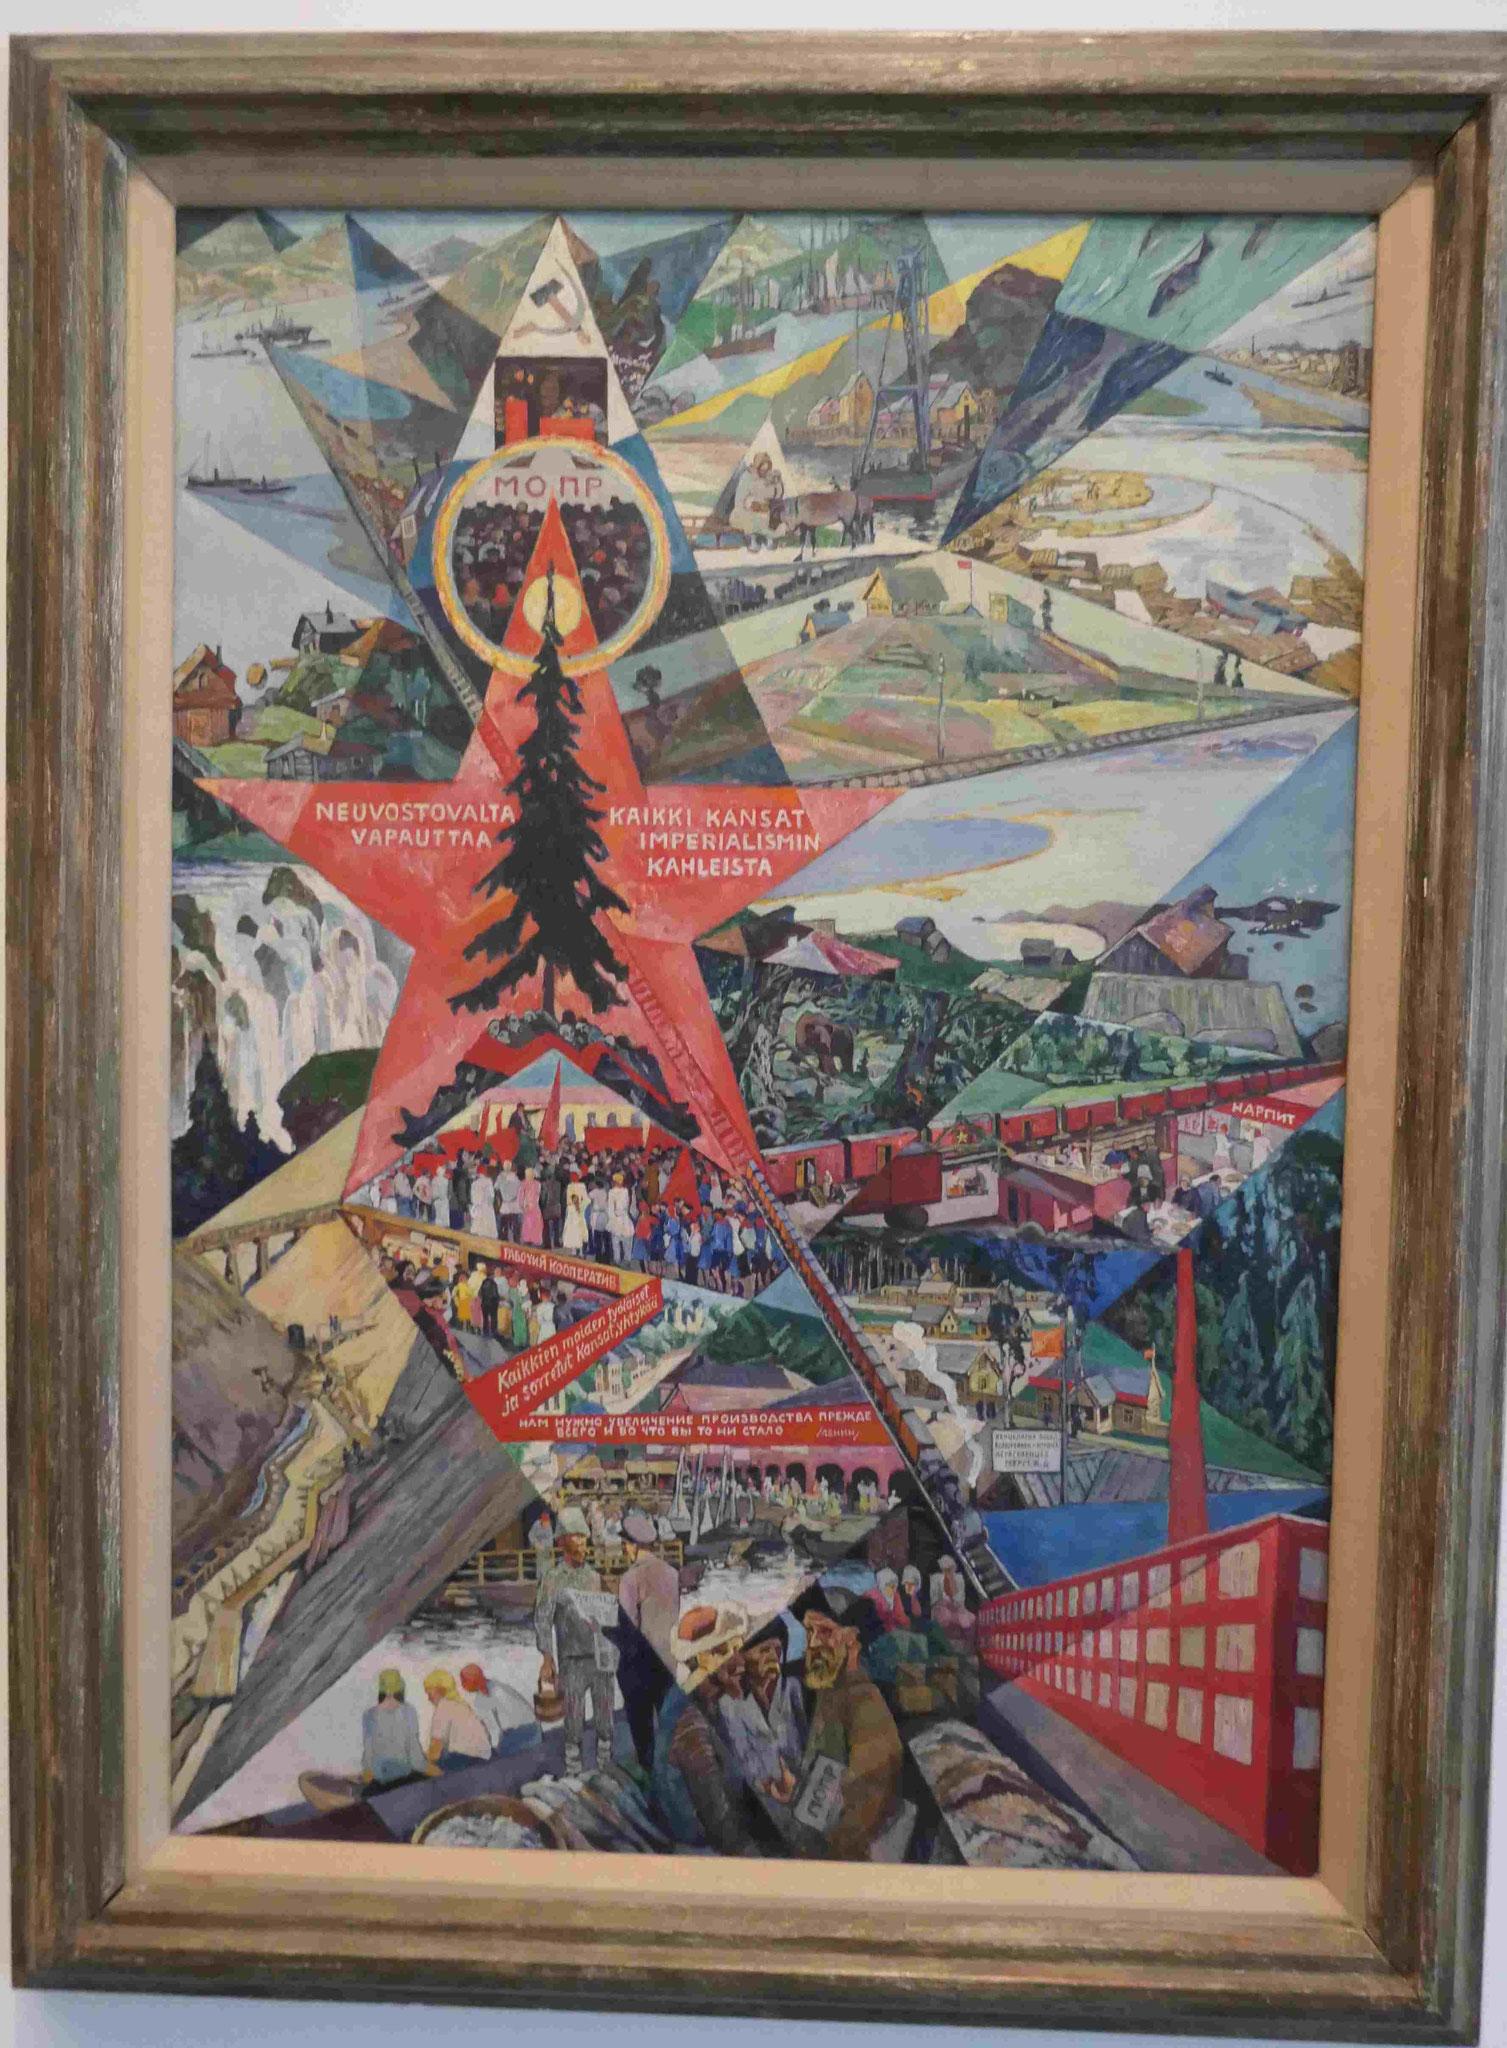 Heinrich Vogeler, Karelien und Murmansck, 1926, Nationalgalerie Berlin